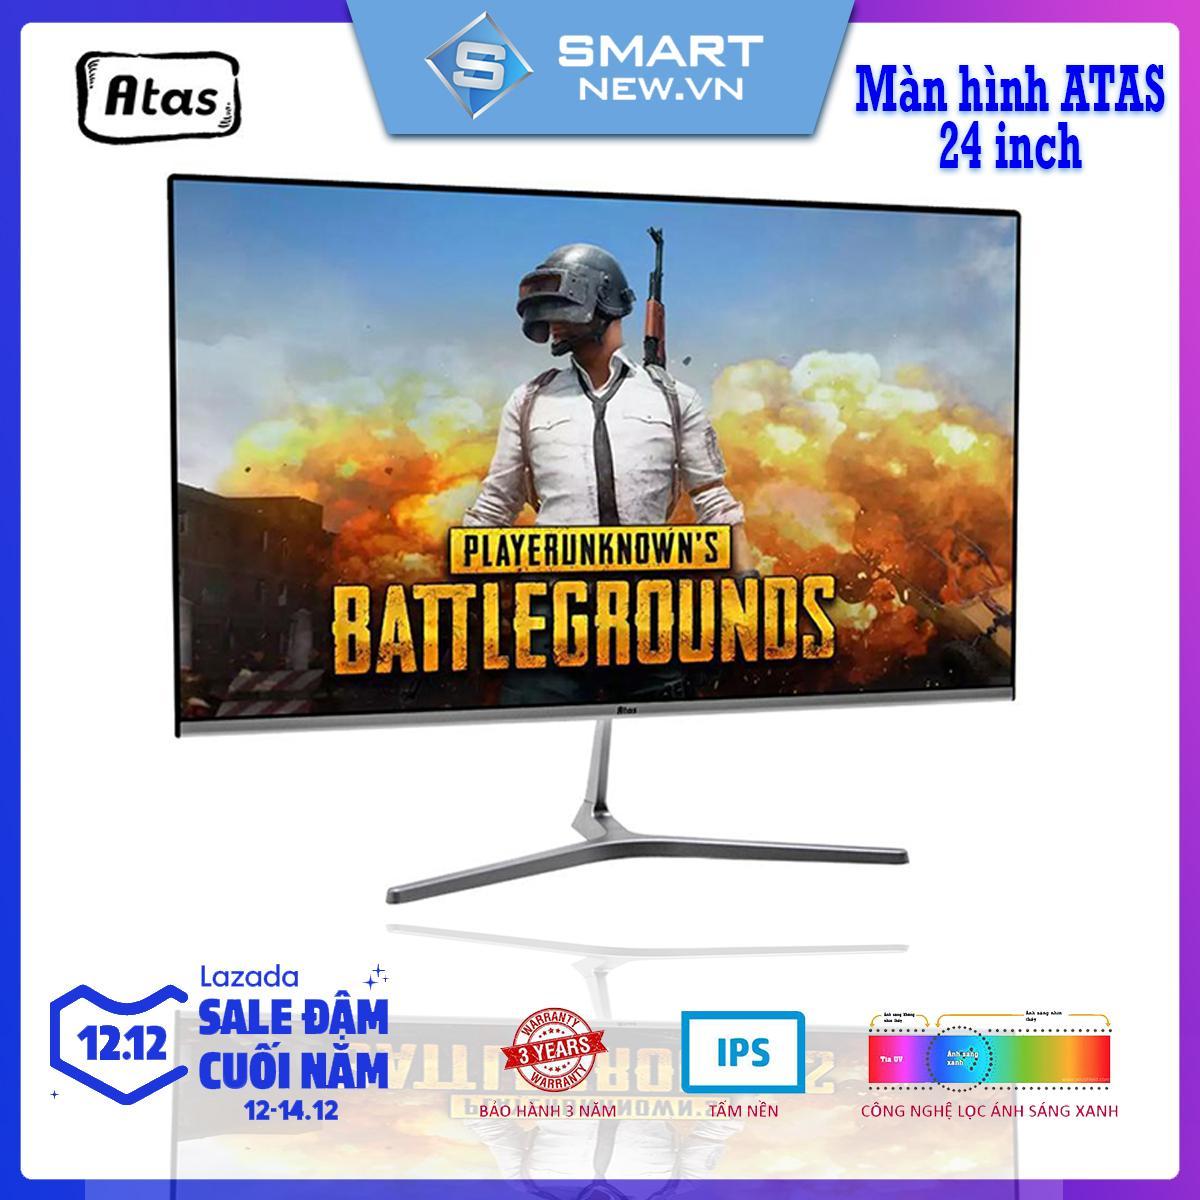 [ Có video ] Màn Hình máy tính không viền 24 inch ATAS MD240A - Full HD 1080P – Tấm Nền IPS – Bảo Hành 3 Năm